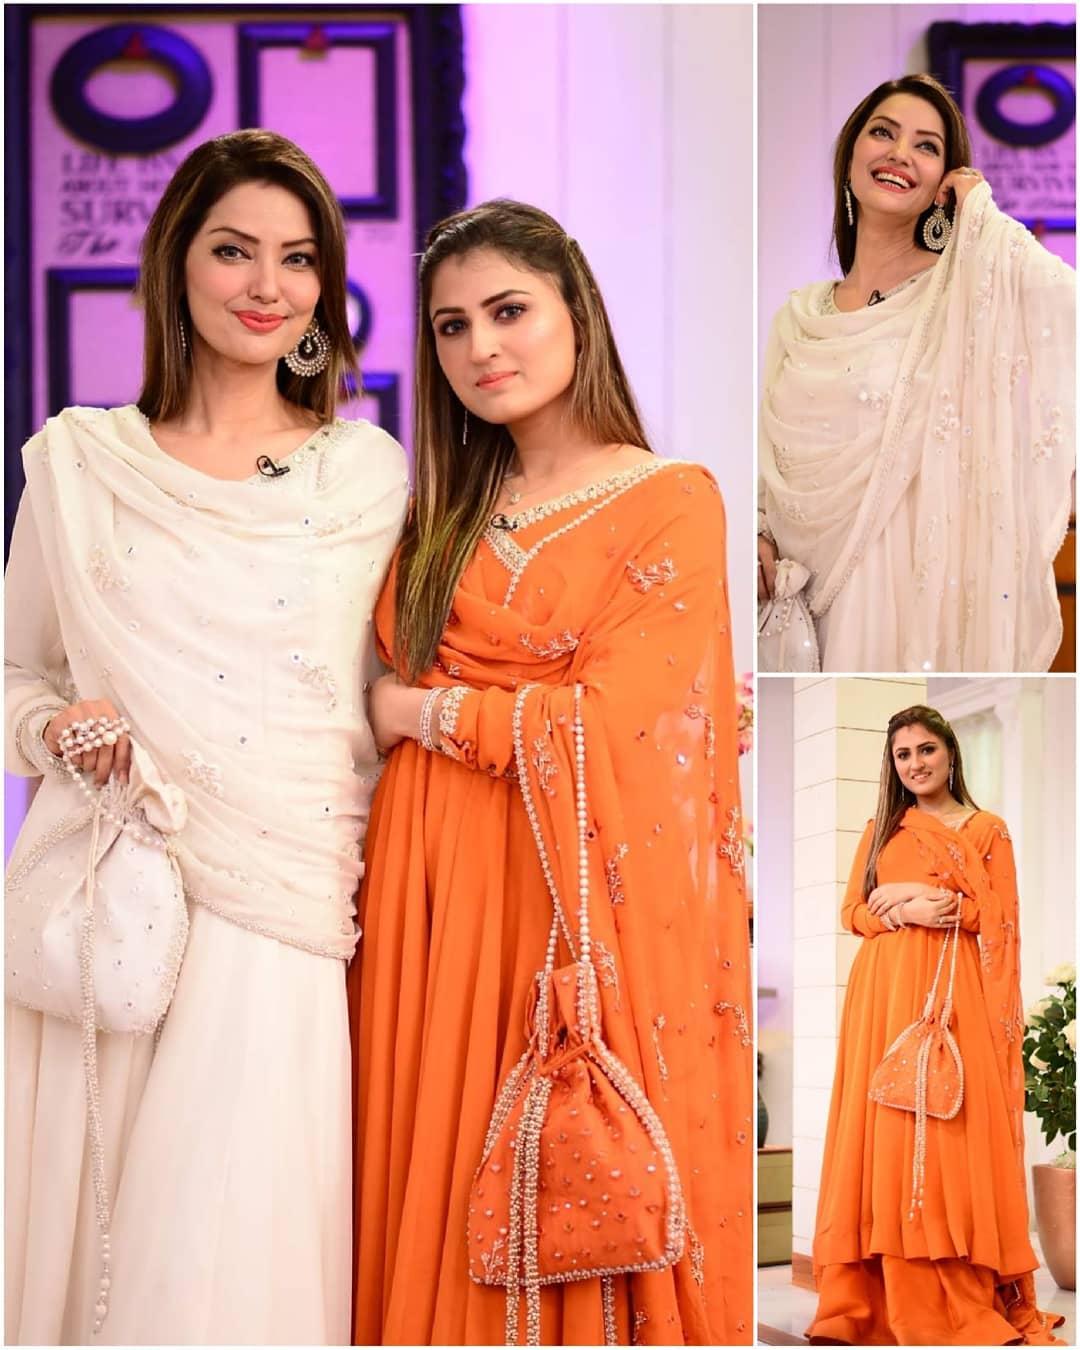 Natasha Hussain with her daughter Tanya Hussain